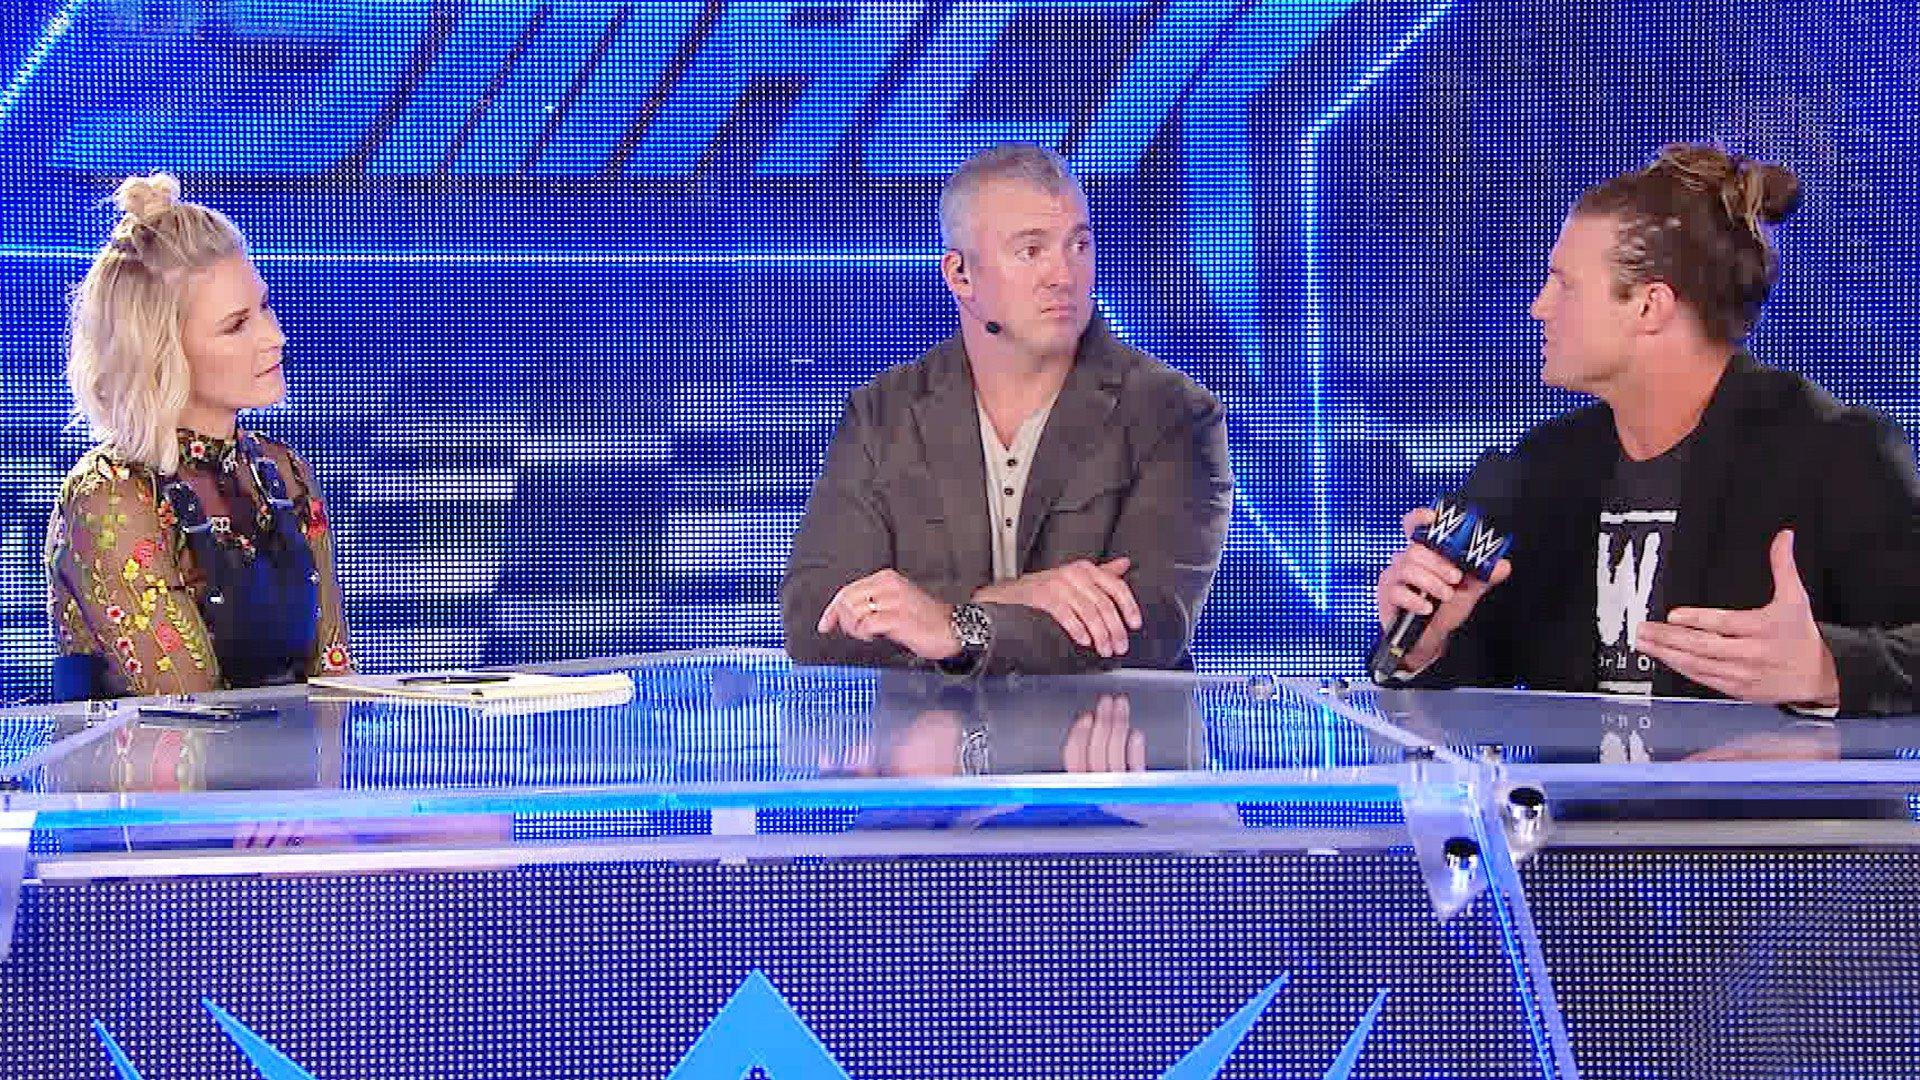 Dolph Ziggler déclare qu'il participera au Royal Rumble Match: WWE Talking Smack, 10 jan. 2017